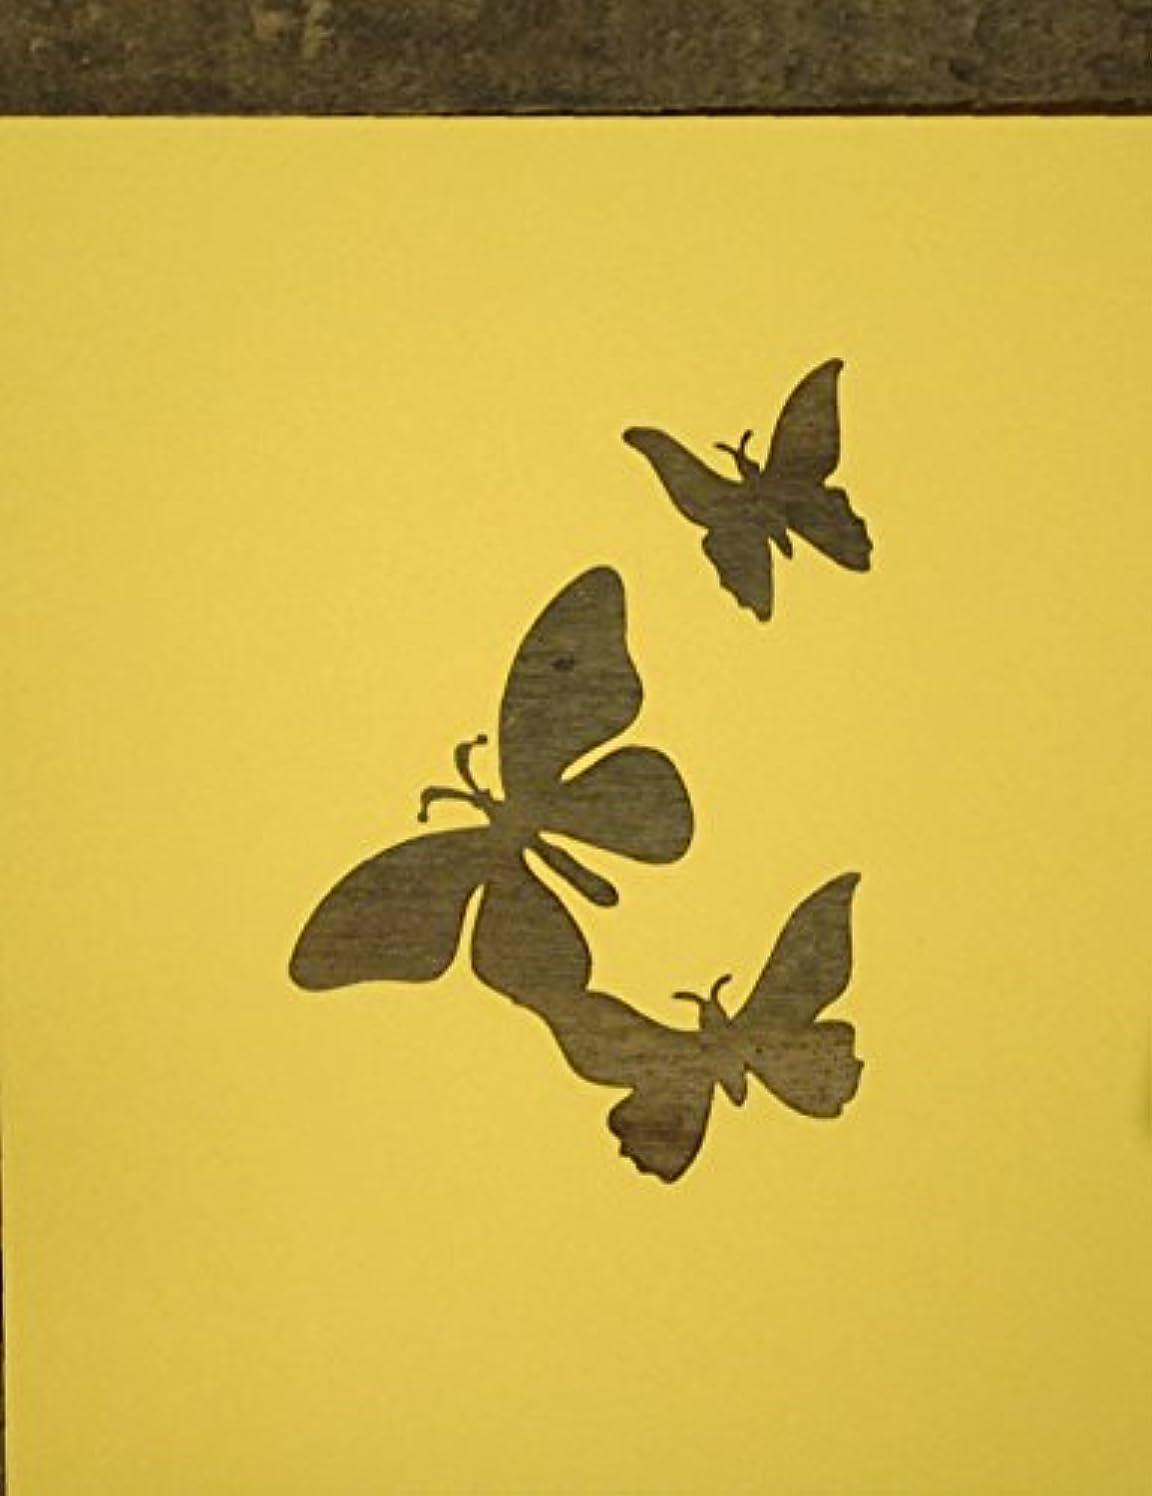 生活微生物鯨紙製 ステンシル シート 【3インチ】 蝶々 3匹 チョウ バタフライ